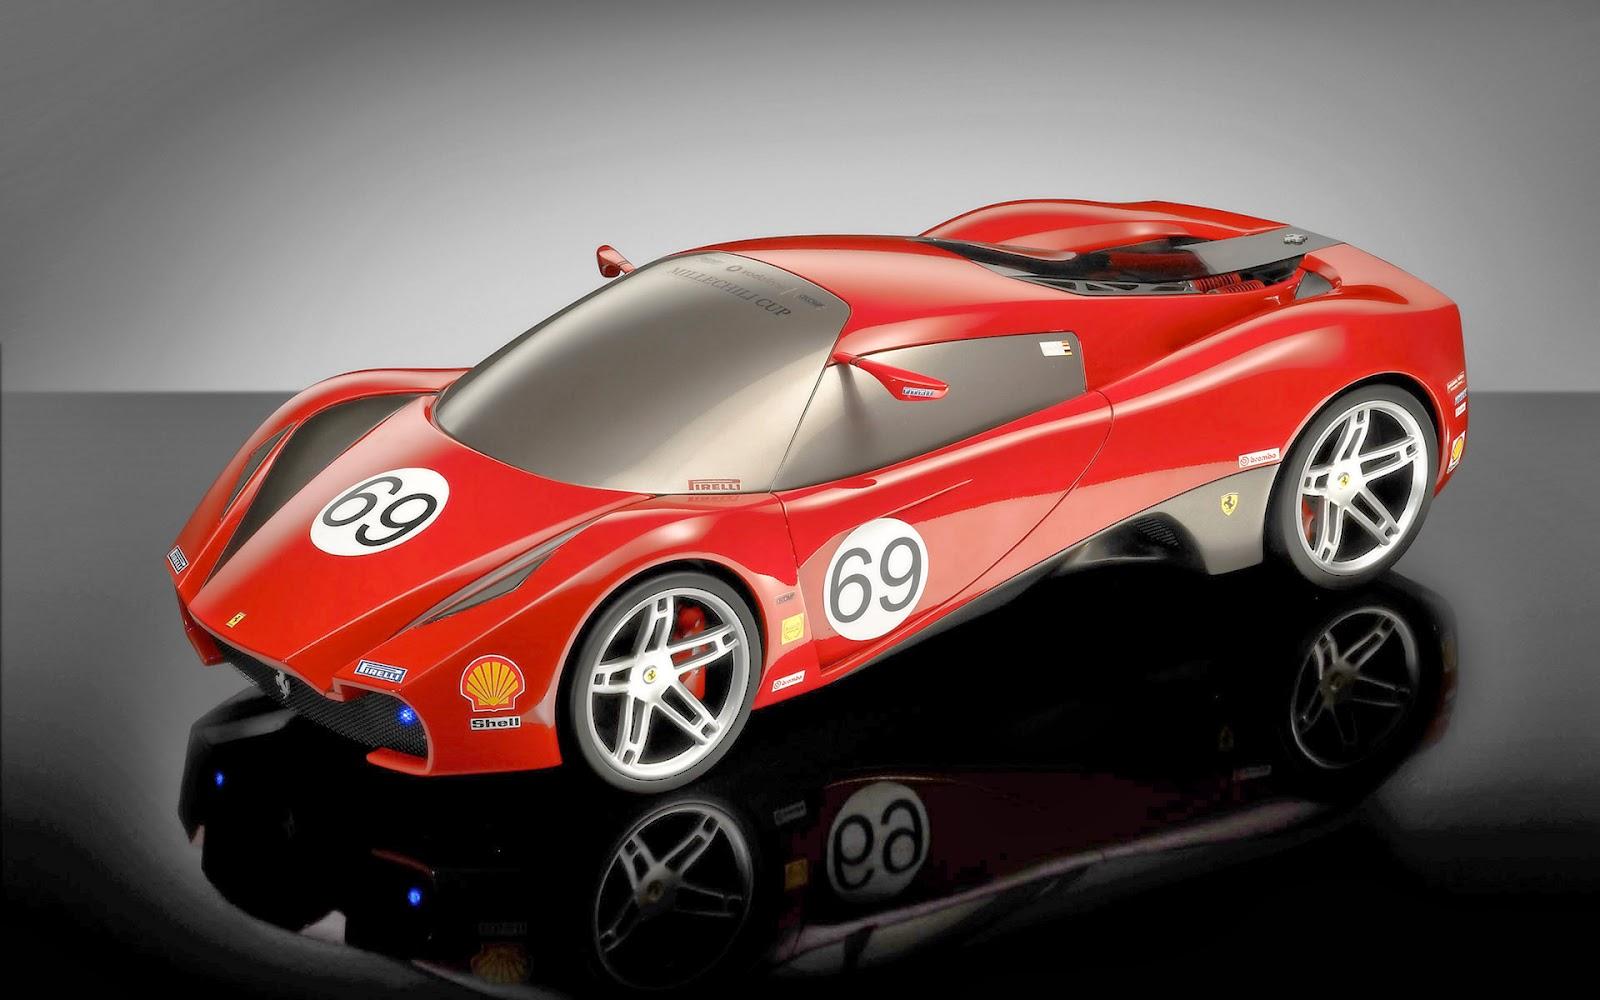 Ferrari Car Images Wallpaper Download